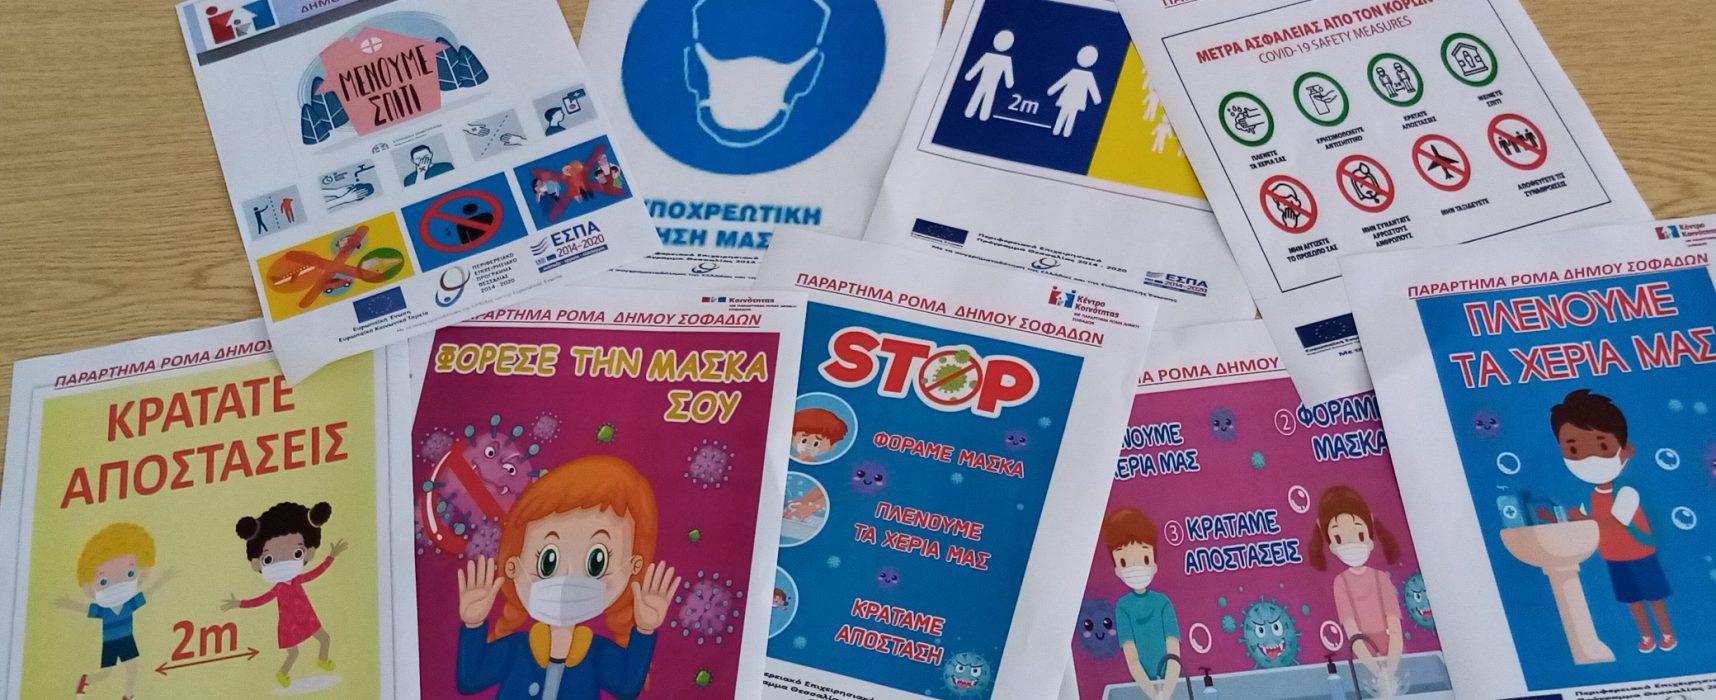 Ενέργειες του Κέντρου Κοινότητας Σοφάδων για ενημέρωση για κορωνοϊό